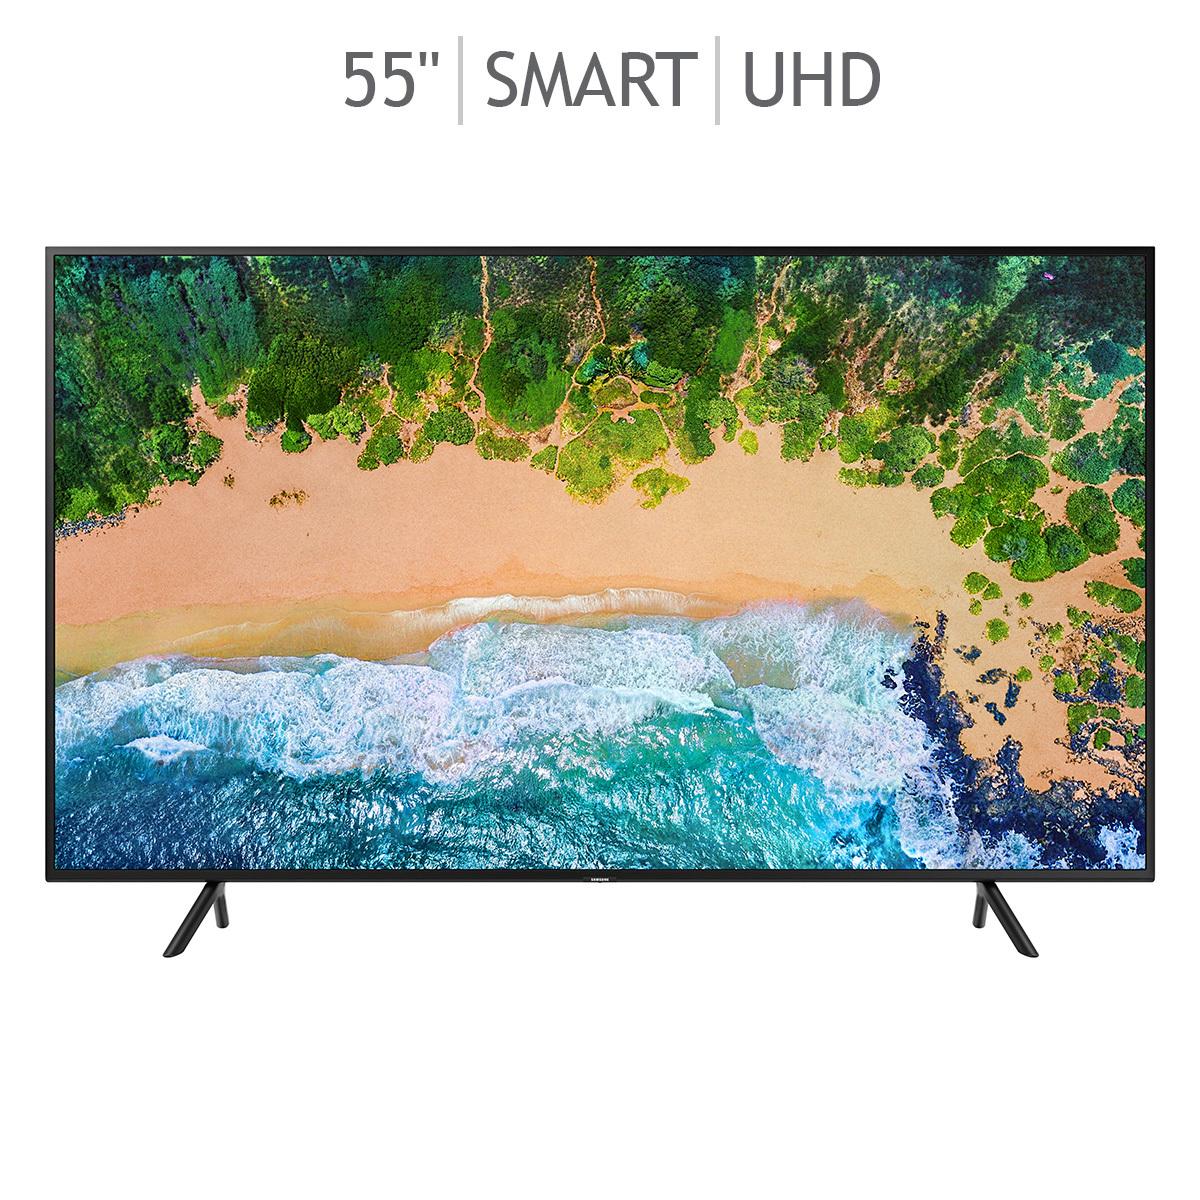 """Costco: Pantalla Samsung 55"""" Smart TV UHD 4K (Con Citibanamex)"""